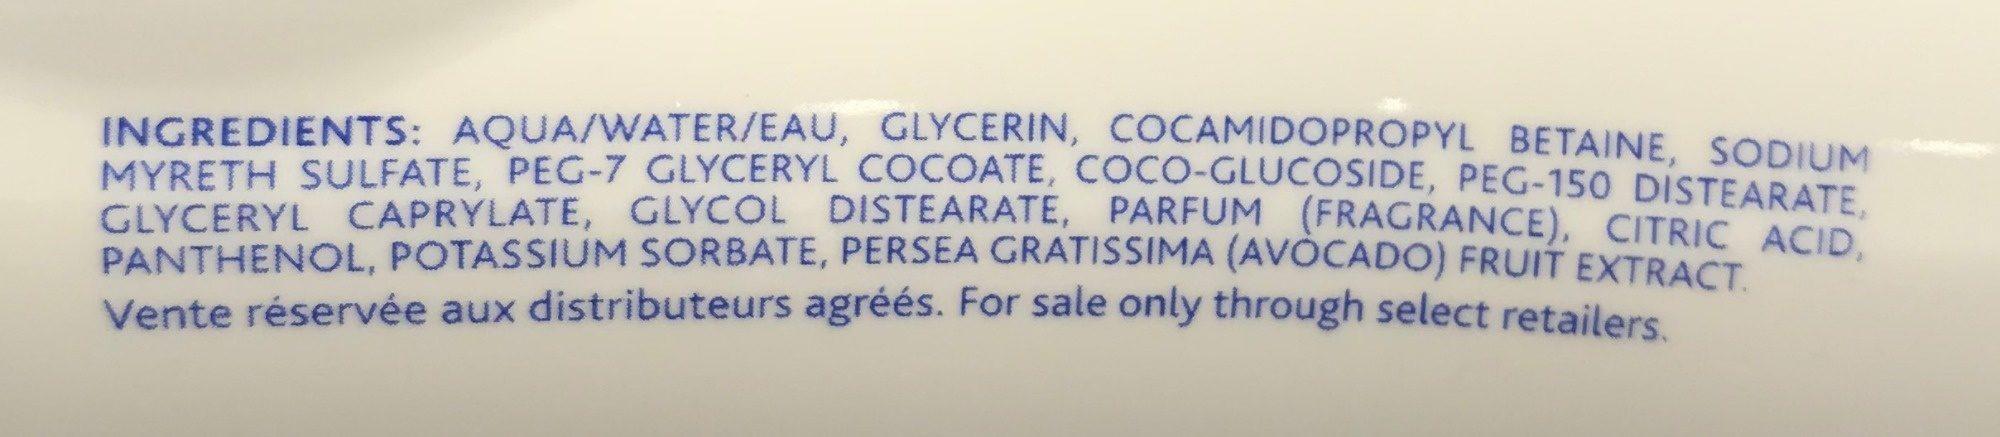 Gel lavant doux - Ingredients